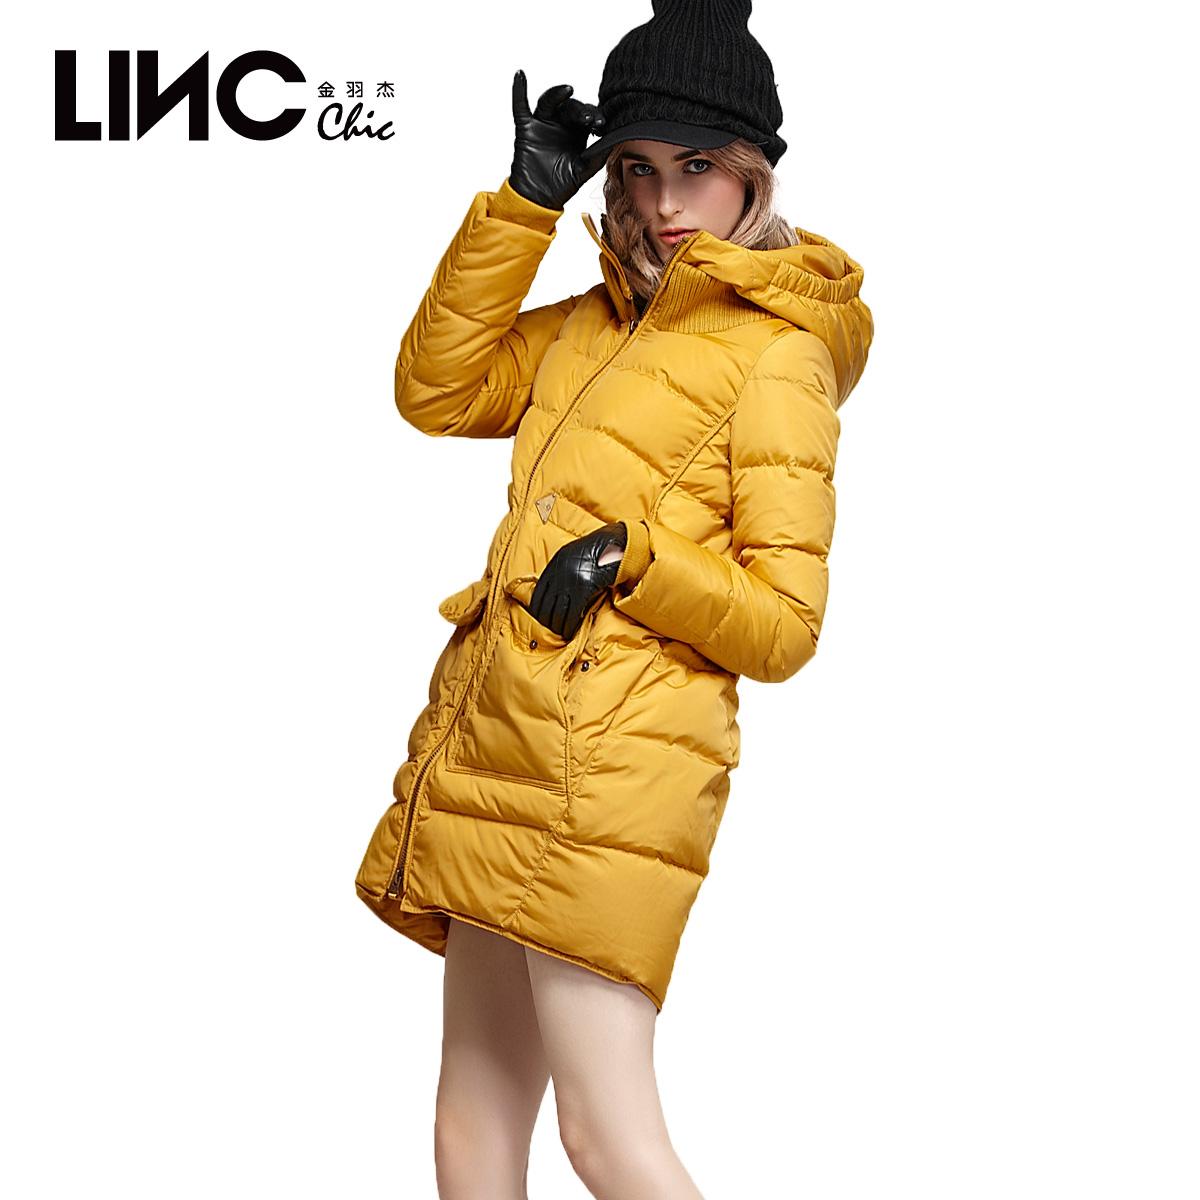 金羽杰2014冬装新款羽绒服 女中长款 韩版连帽工装外套加厚183916